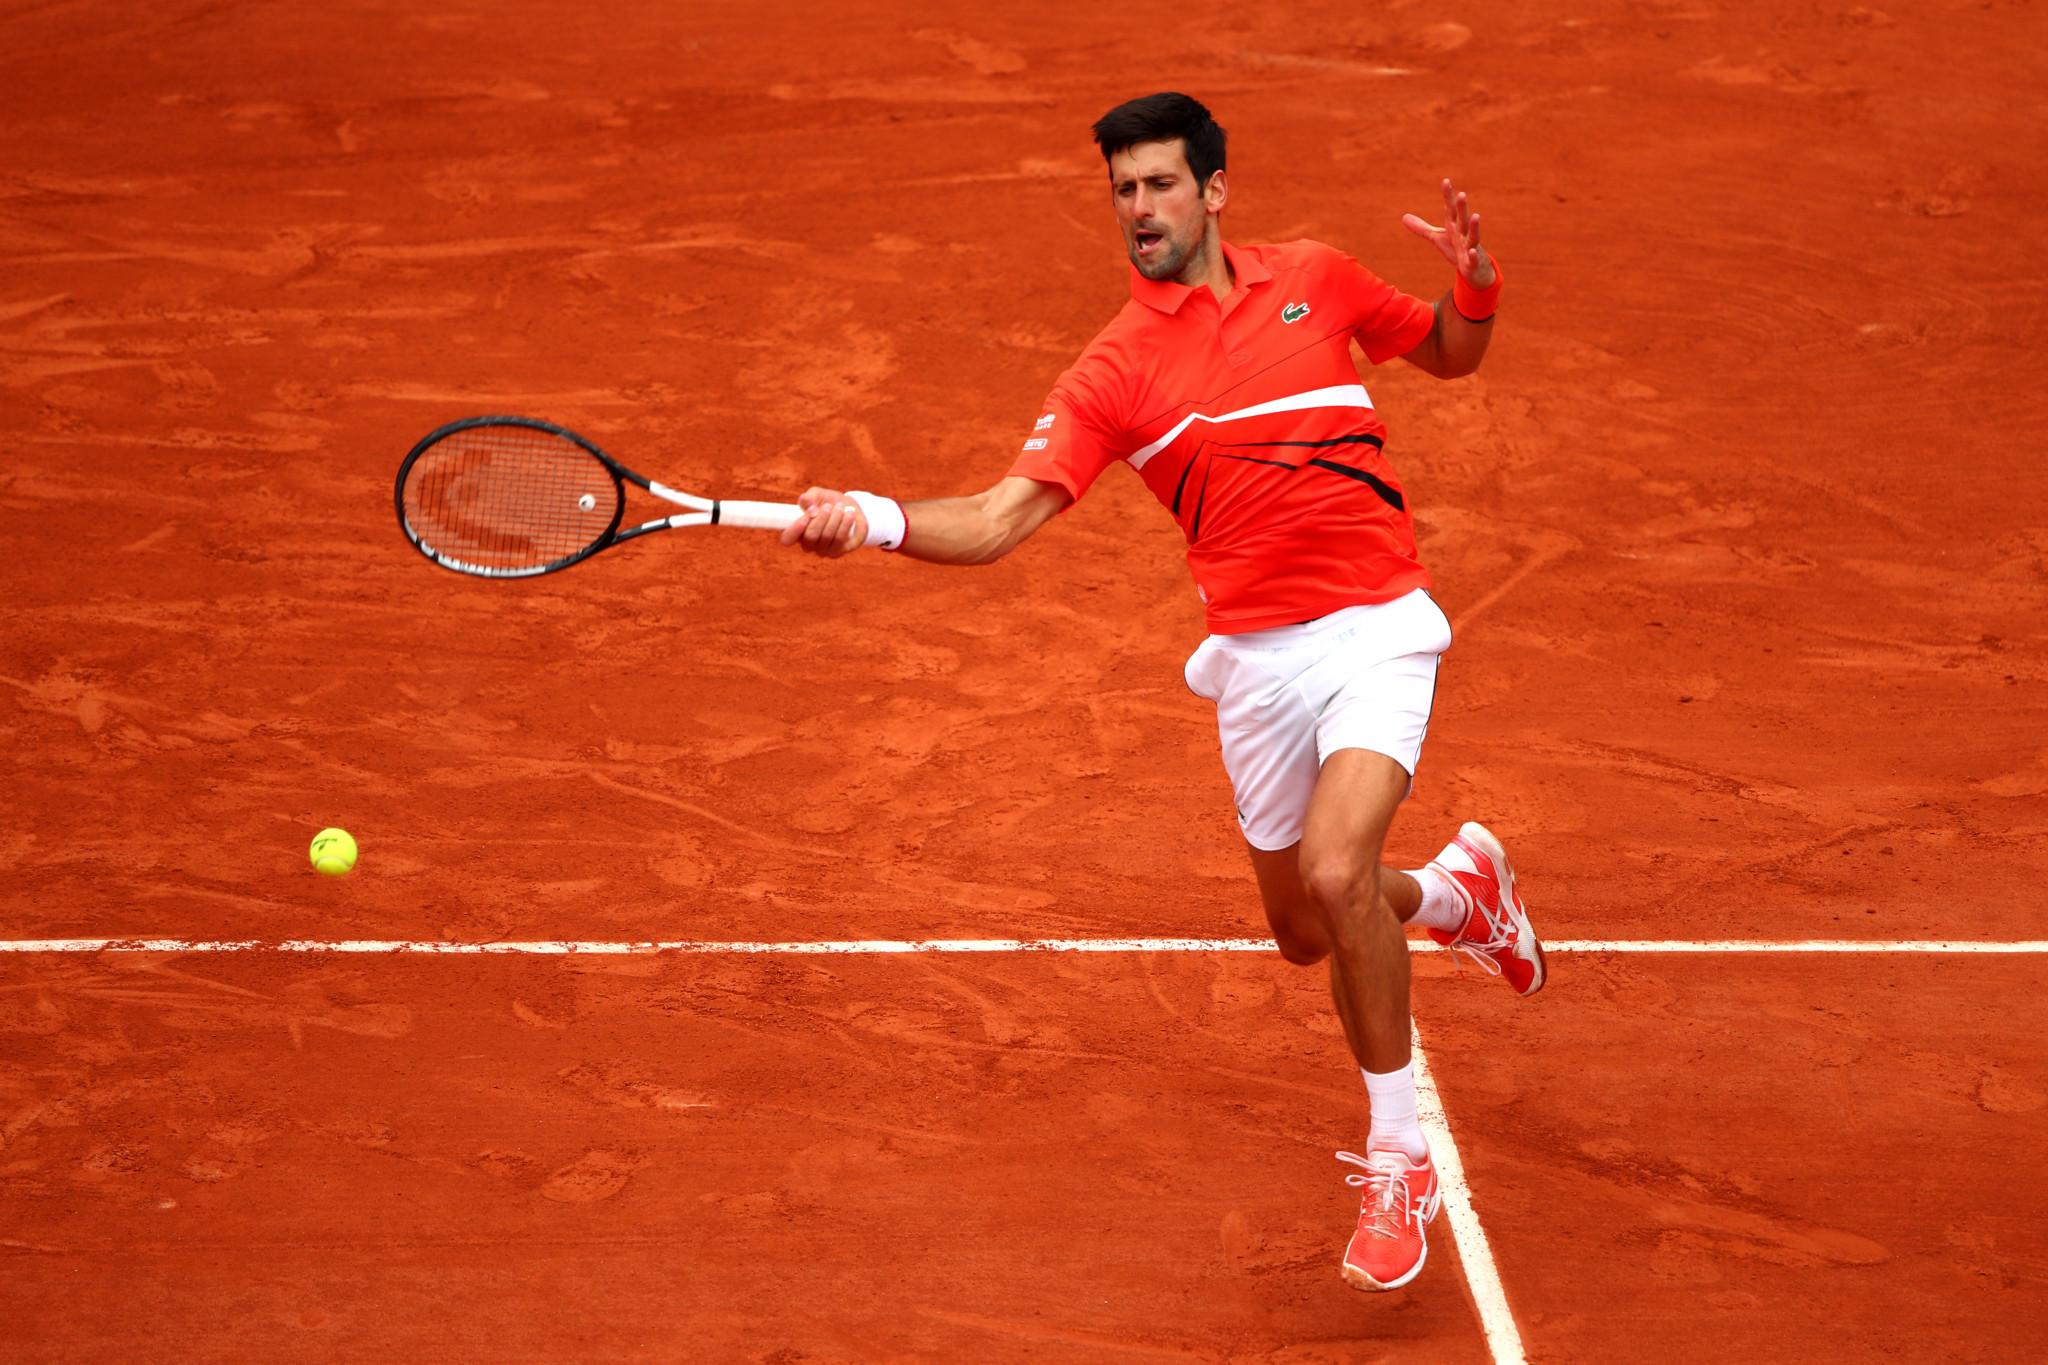 Djokovic eases into round three as women's seeds tumble at Roland-Garros